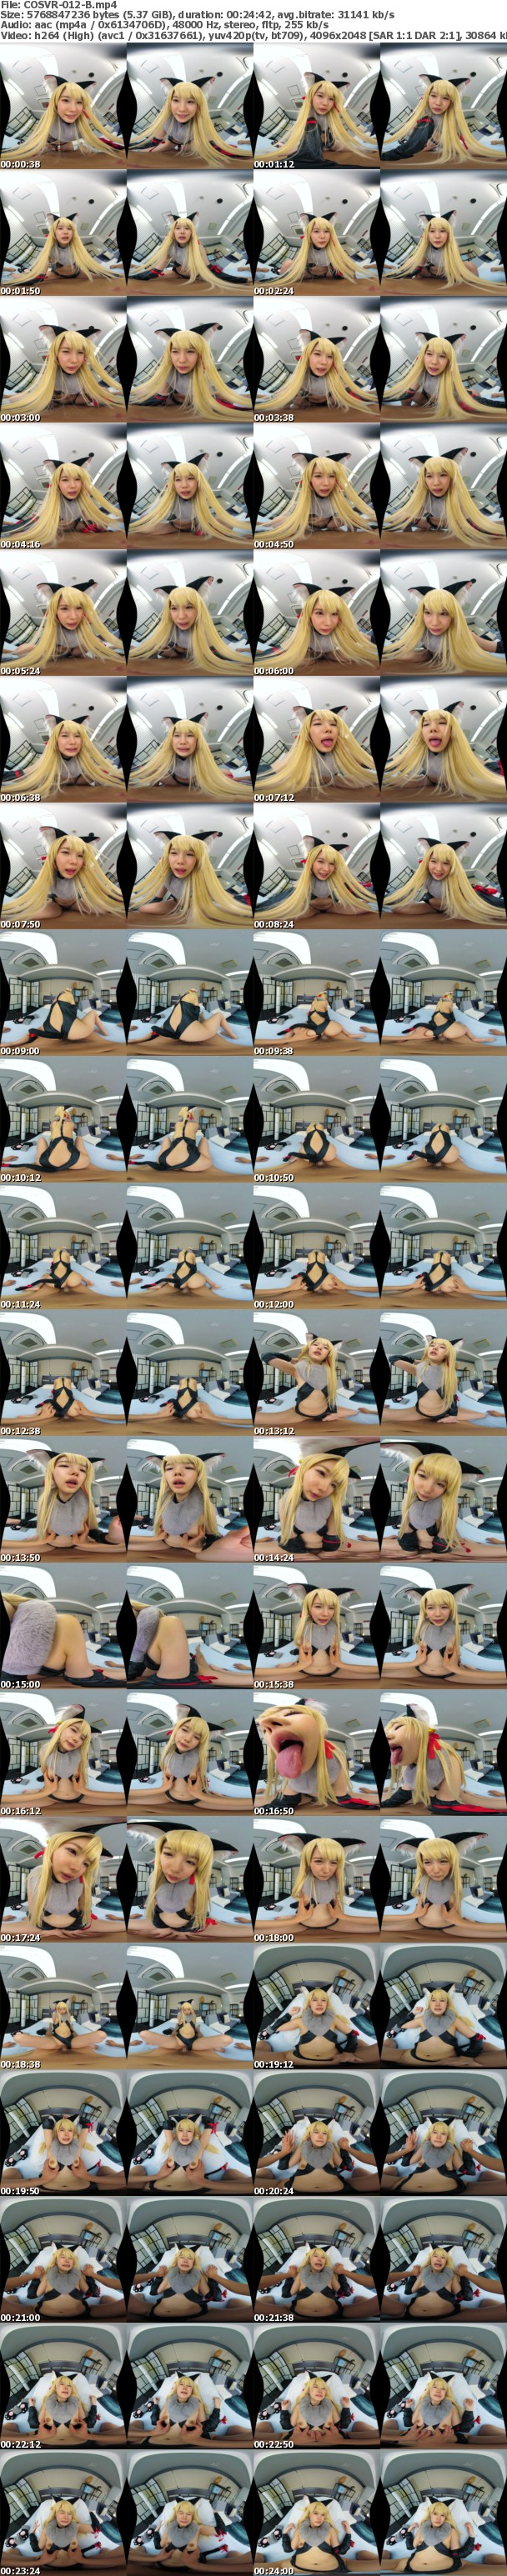 (VR) COSVR-012 僕の彼女は美少女レイヤー!自宅個撮でいちゃラブコスパコ中出しH! 松本いちか